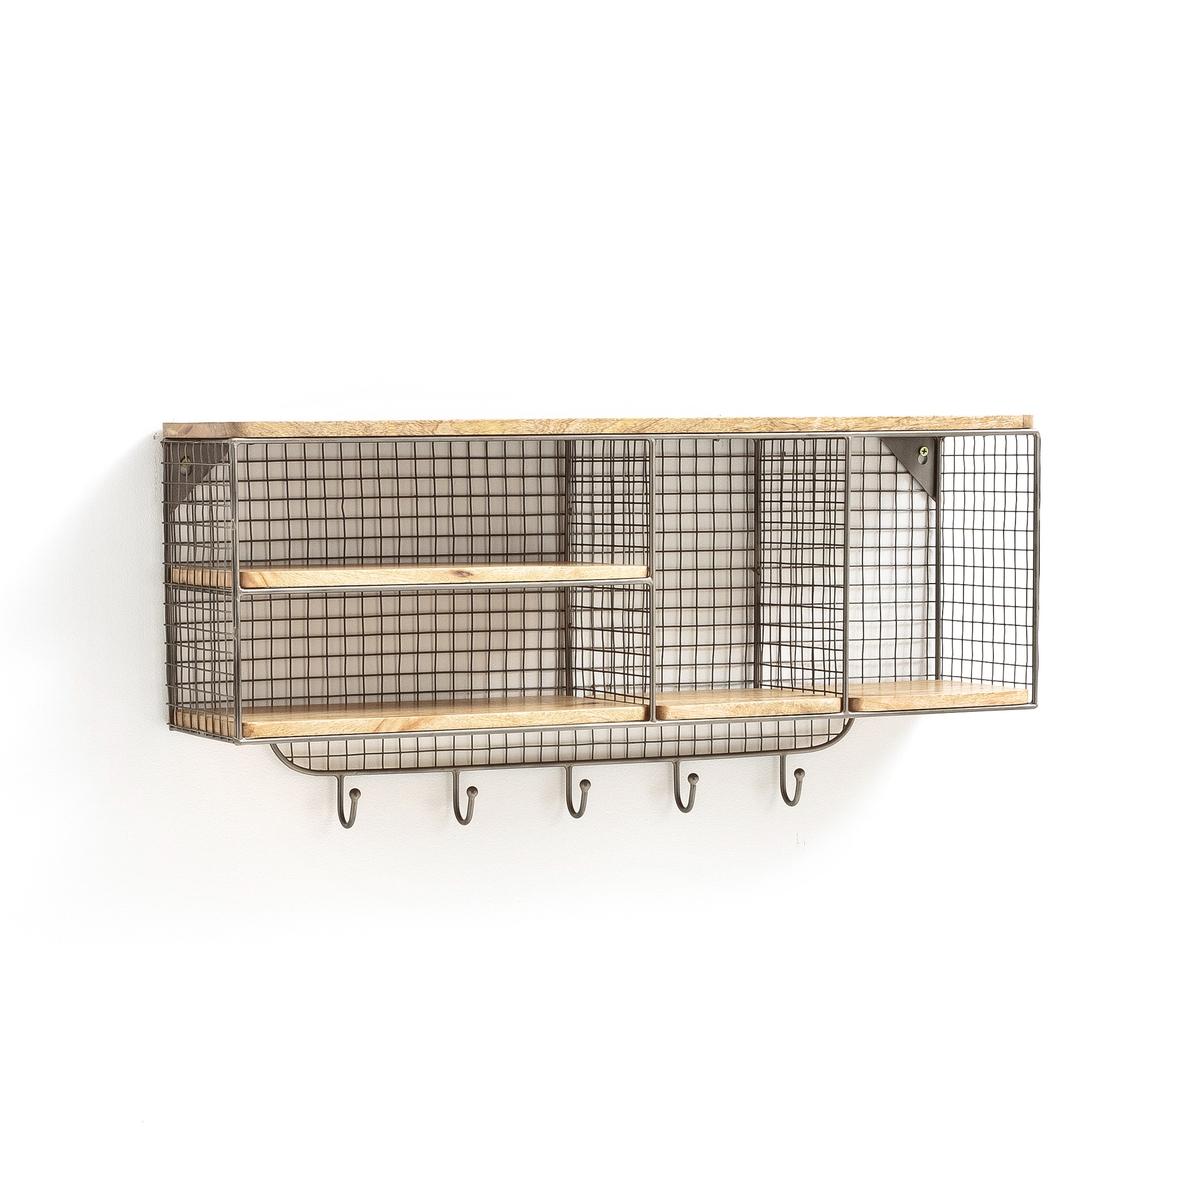 Этажерка-вешалка настеннаяОписание:Этажерка-вешалка настенная. Очень удобна для размещения ваших вещей личного пользования и верхней одежды на крючки.Описание этажерки-вешалки : Этажерка настенная 2 отделения из решетчатого металла с оцинковкой  + 2 полки из натурального массива мангового дерева 5 металлических крючковШурупы и дюбели продаются отдельноРазмеры этажерки-вешалки :Длина : 72 см Ширина: 15,5 см Высота : 38 смРазмеры и вес ящика :1 ящик 80 x 42 x 22 см .6,9 кгДоставка :Этажерка-вешалка продается готовой к сборке. Доставка осуществляется до квартиры  по предварительному согласованию!Внимание ! Убедитесь, что посылку возможно доставить на дом, учитывая ее габариты.<br><br>Цвет: дерево/металл